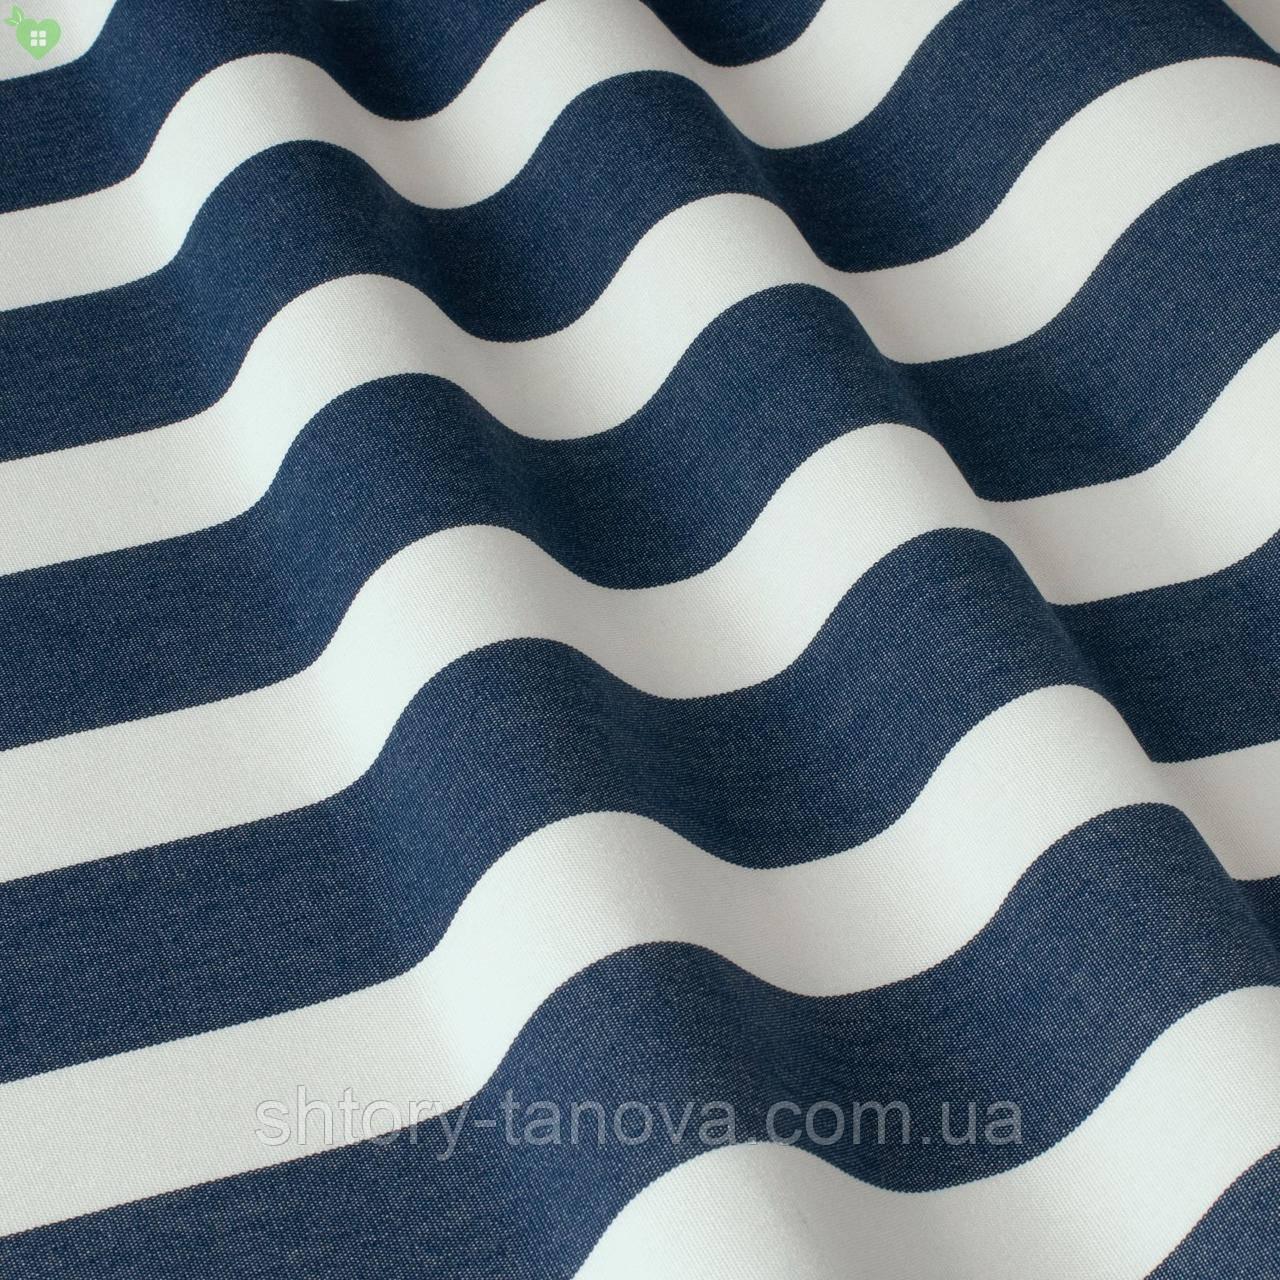 Уличная декоративная ткань для качели полоса синяя и белая